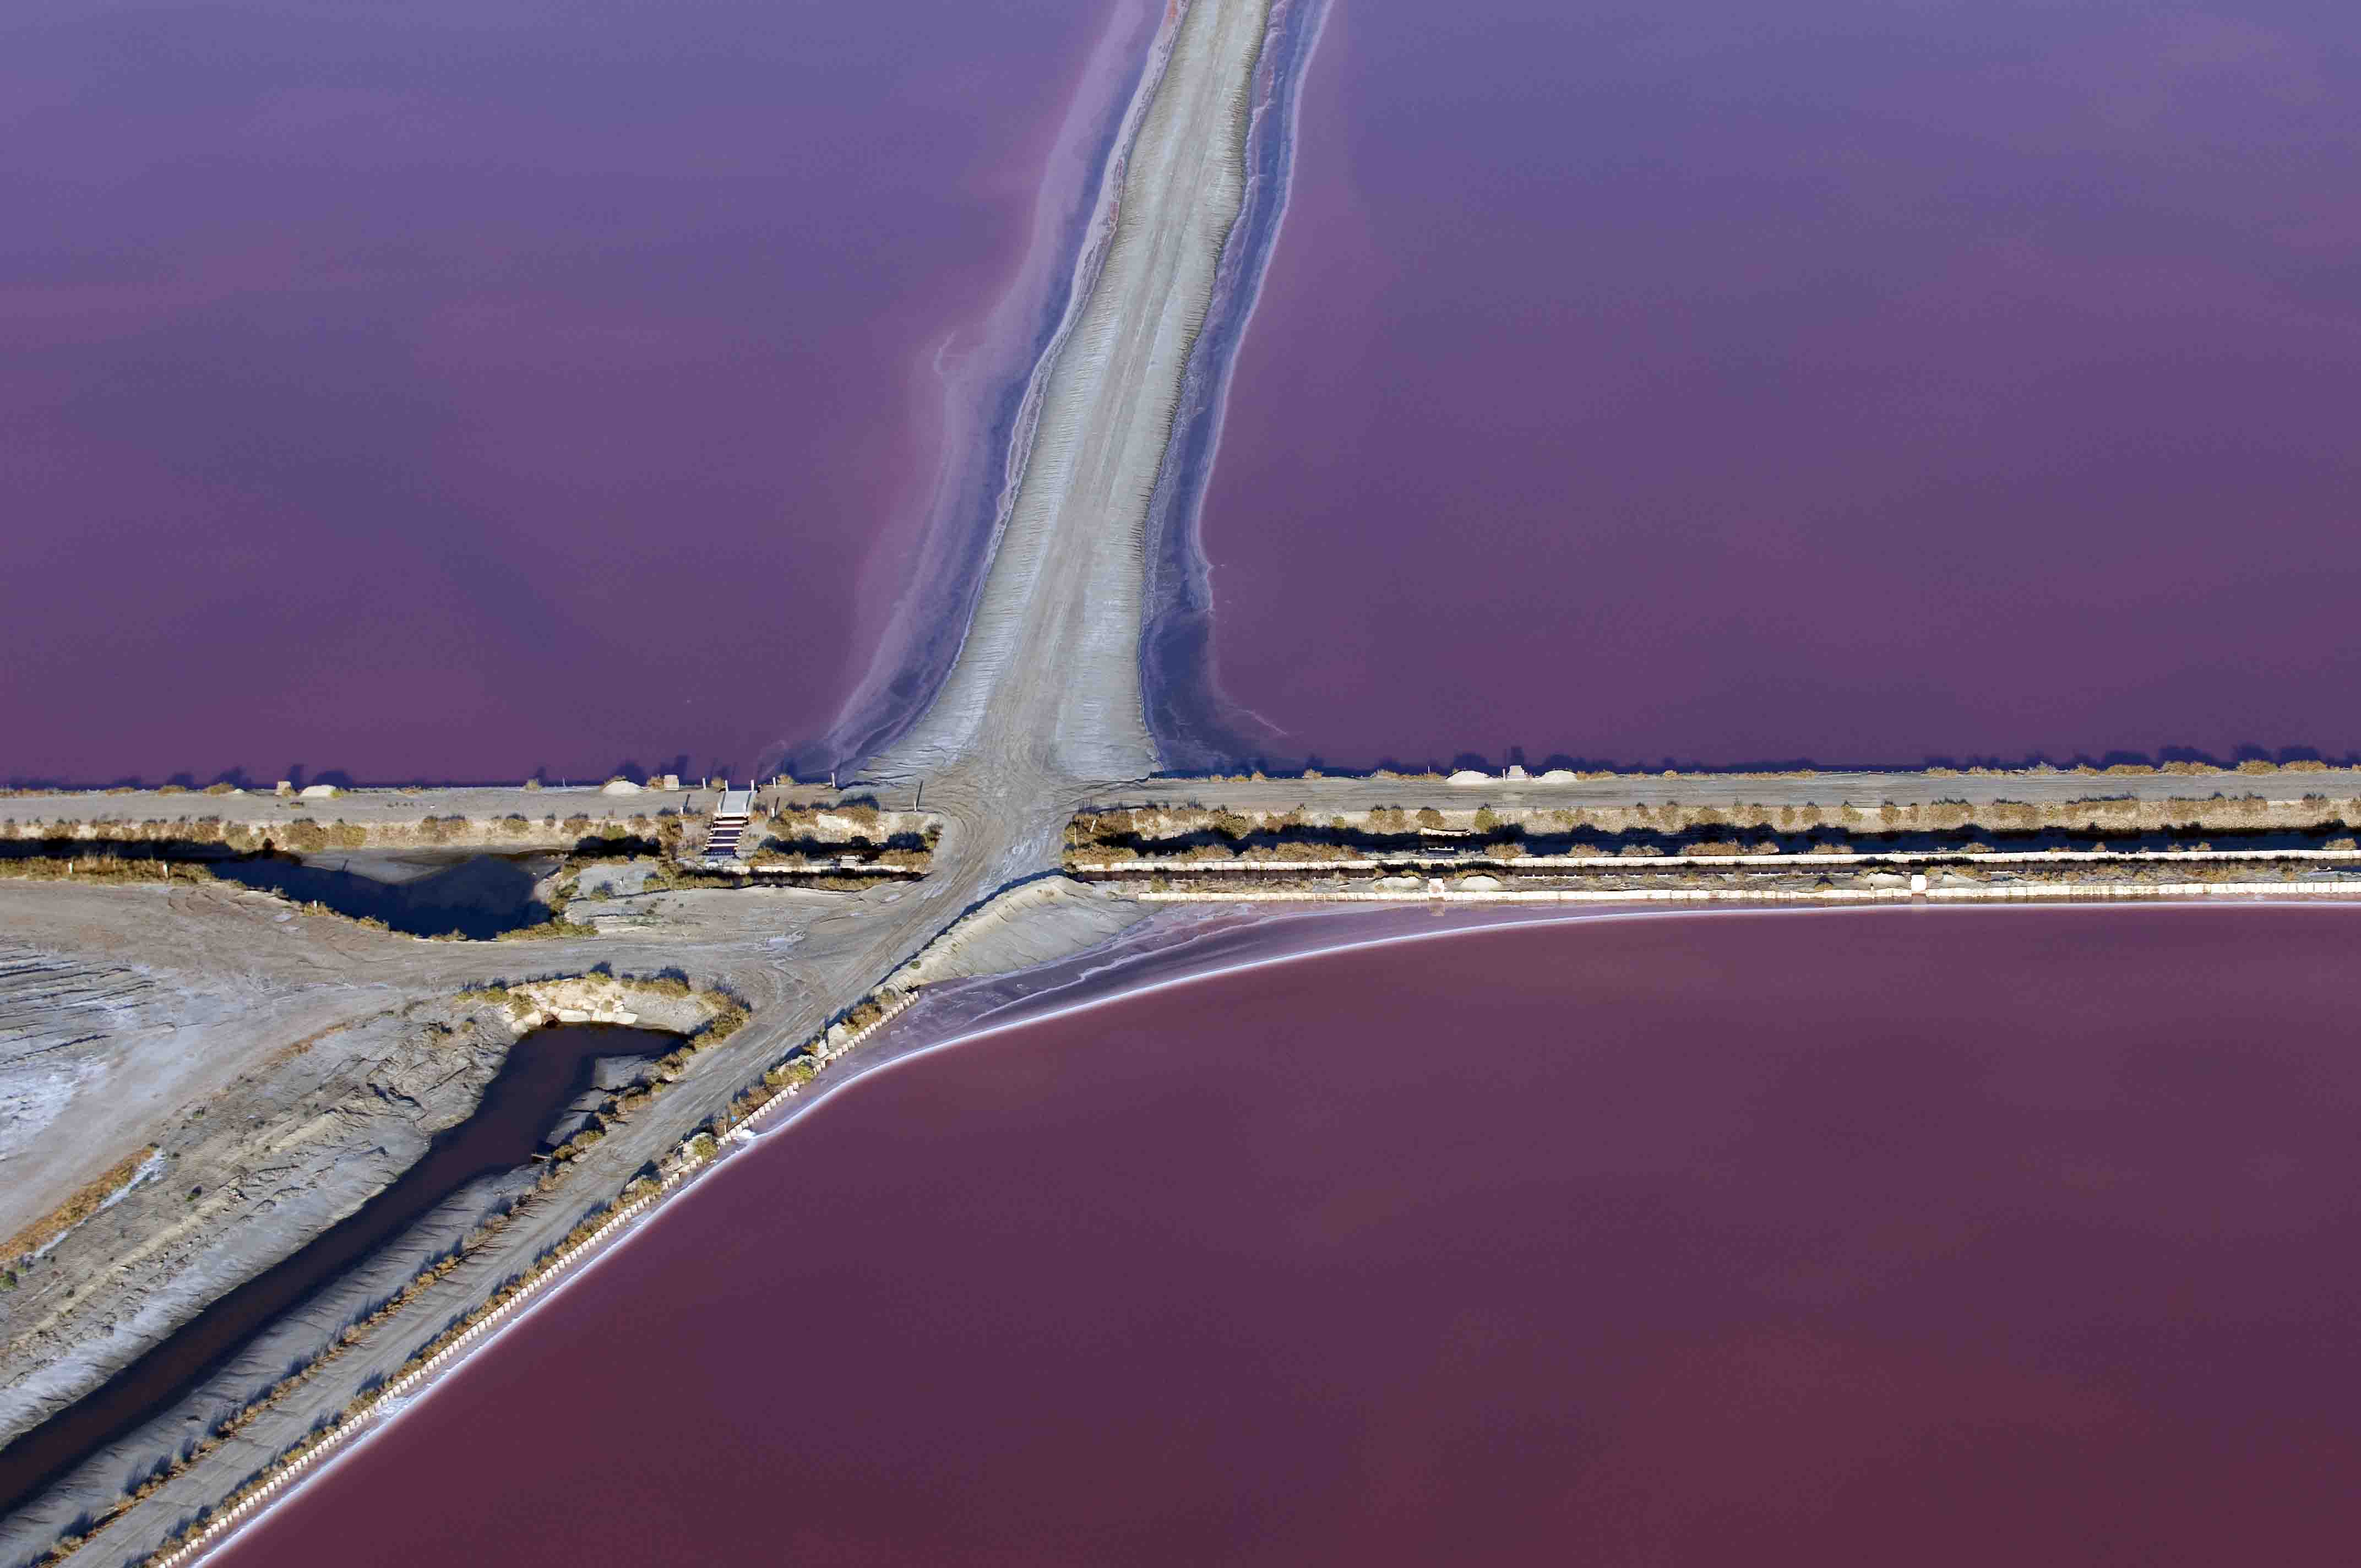 Purples salt marshes